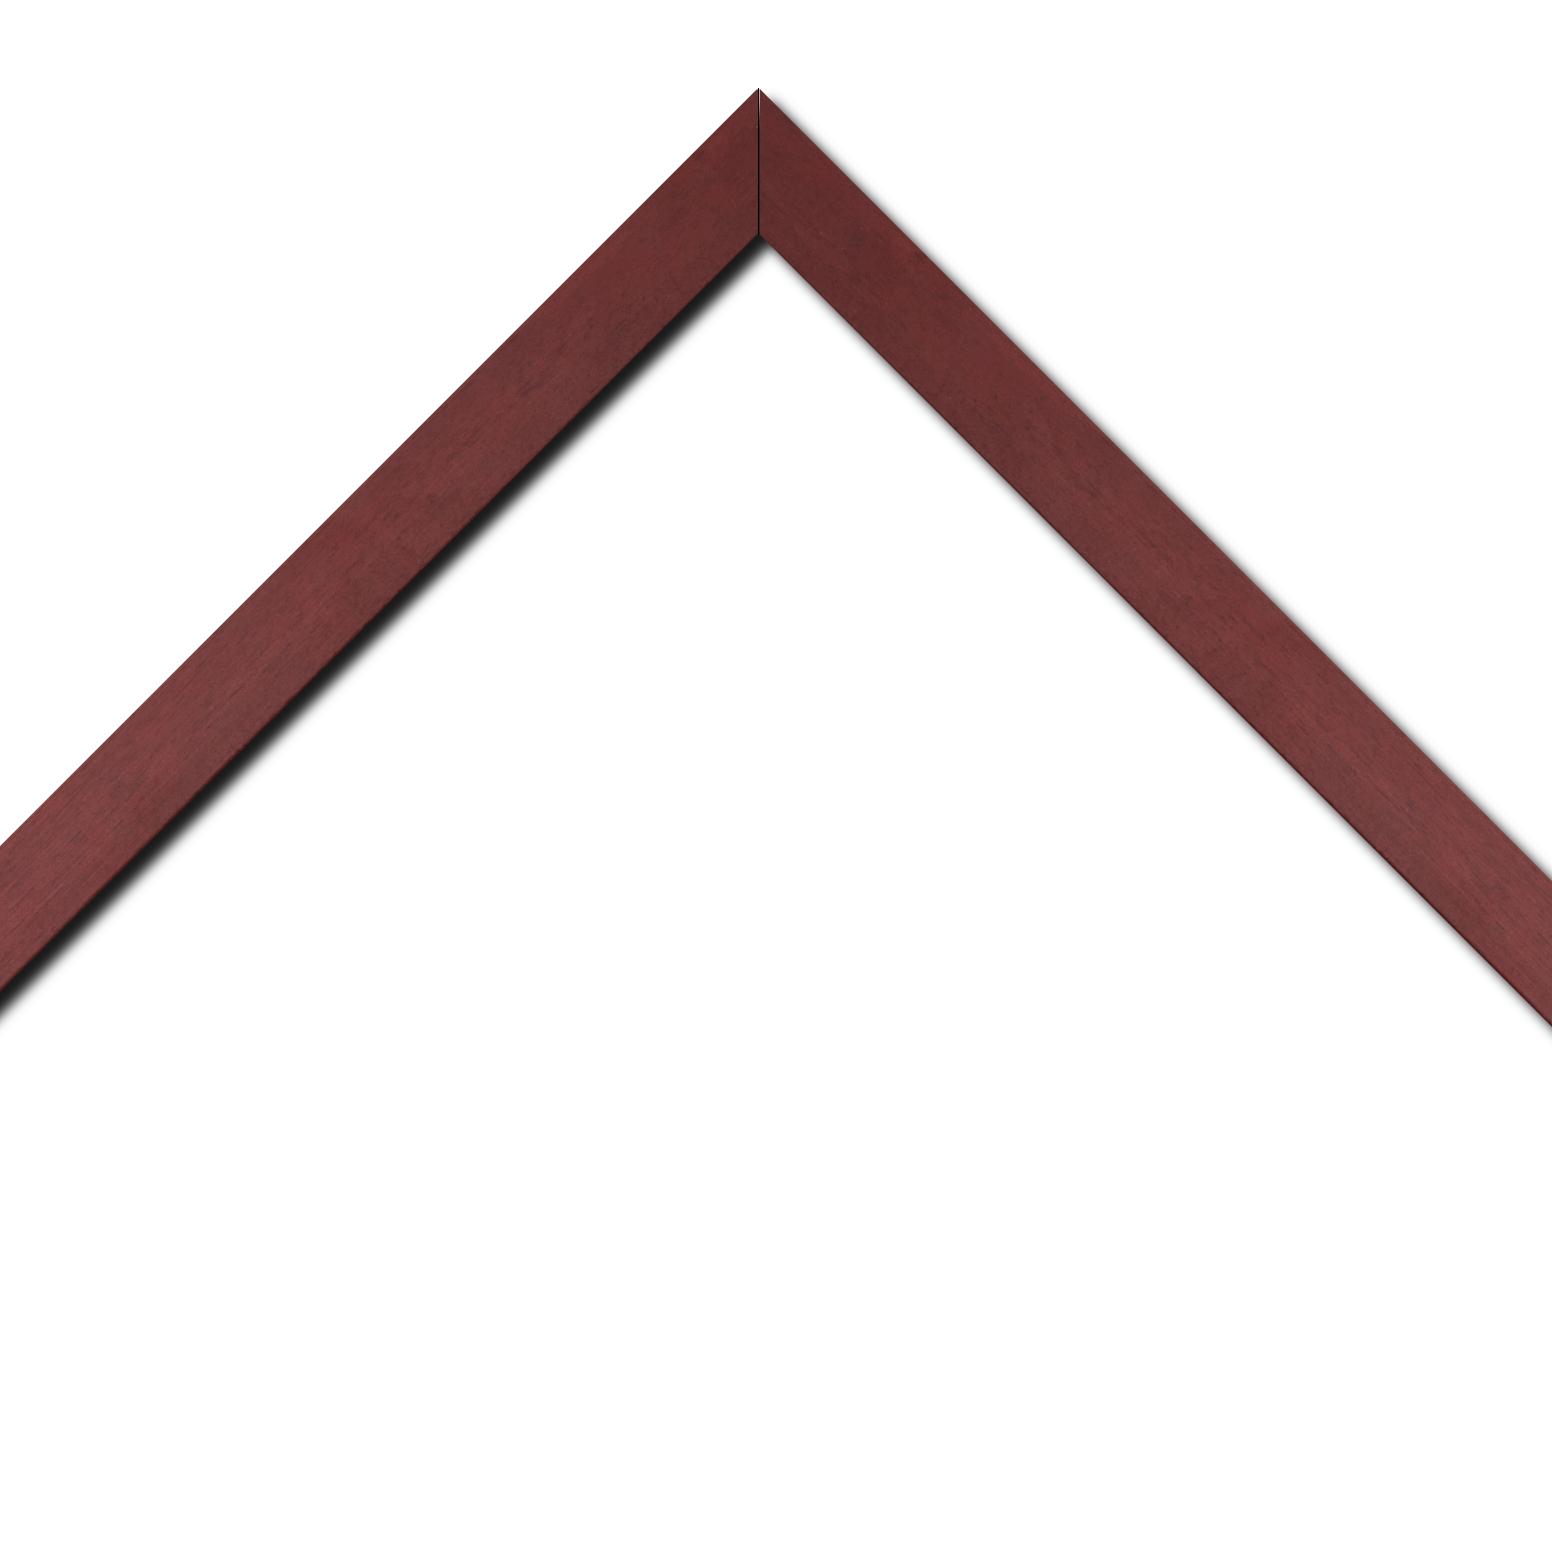 Baguette bois profil plat largeur 2.5cm couleur rose fushia satiné